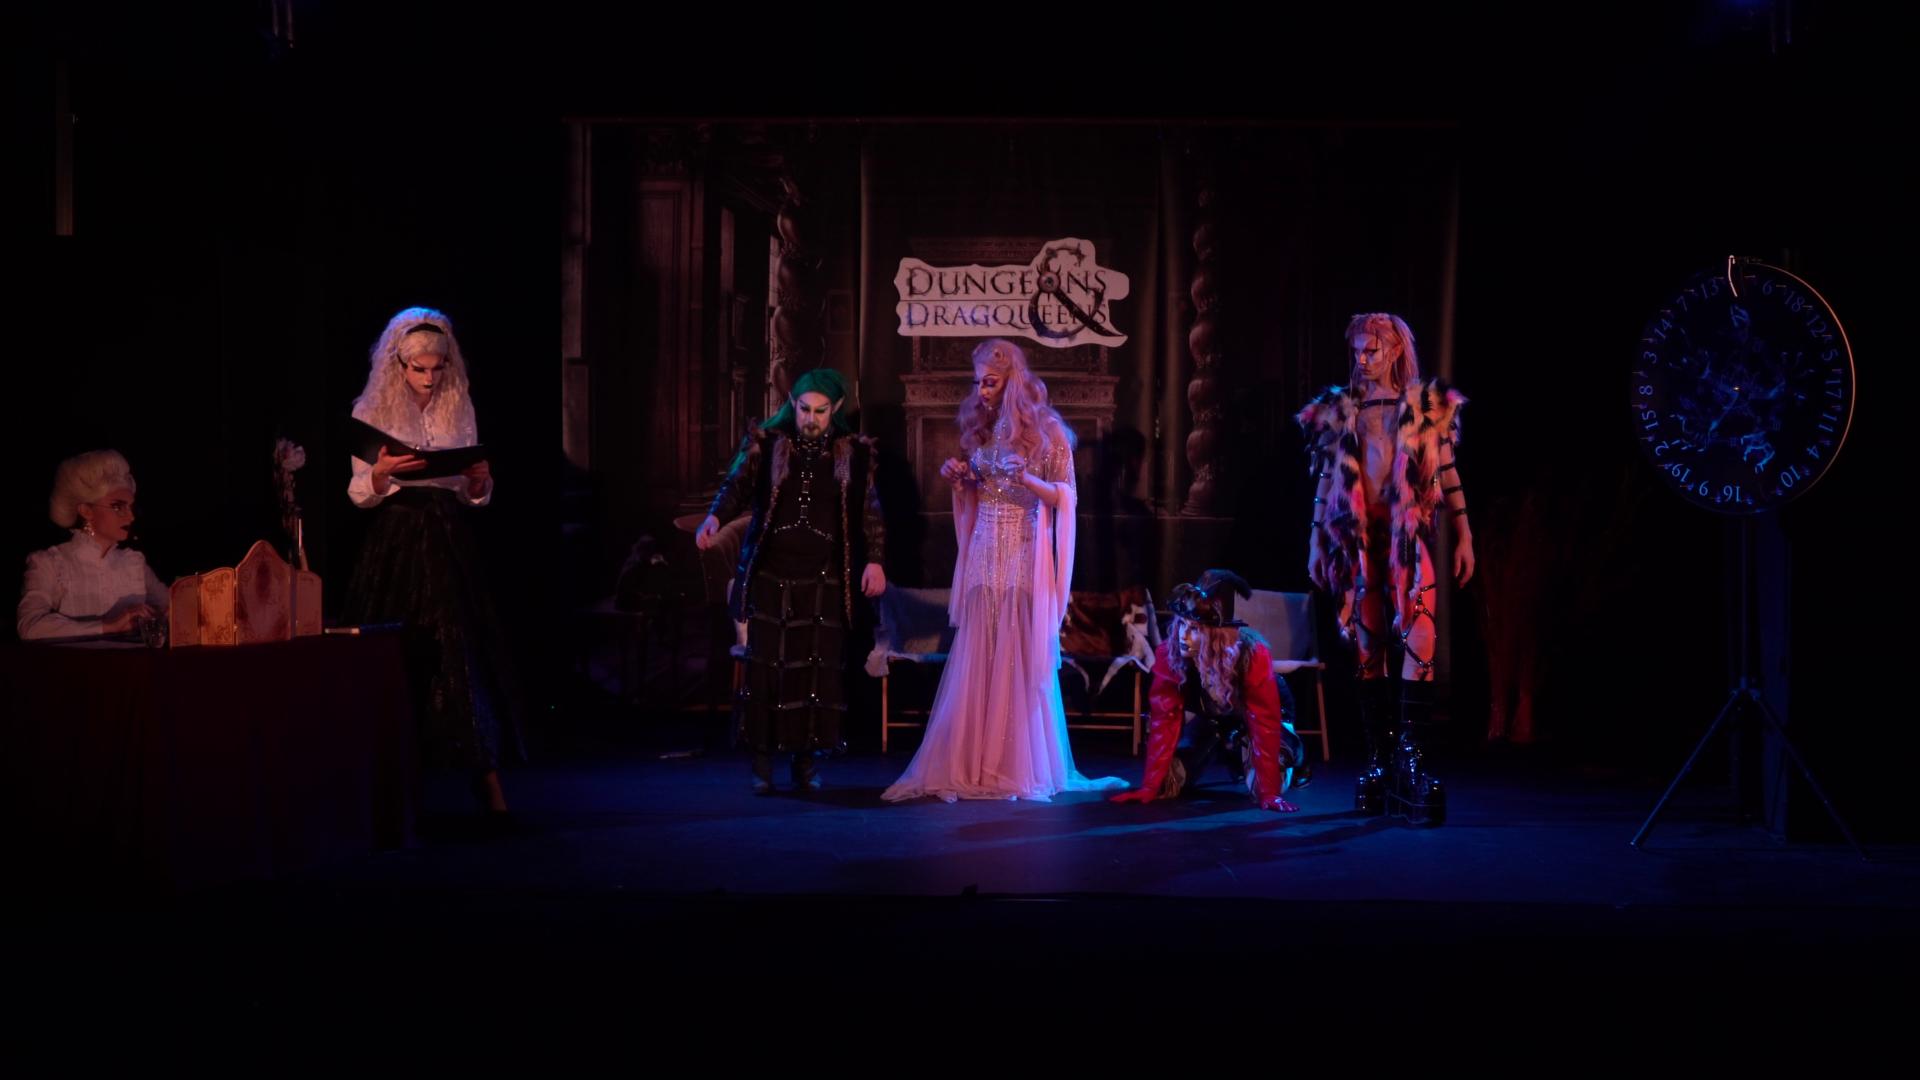 Queer Arcana: Dungeons & Dragons met Drag Queens